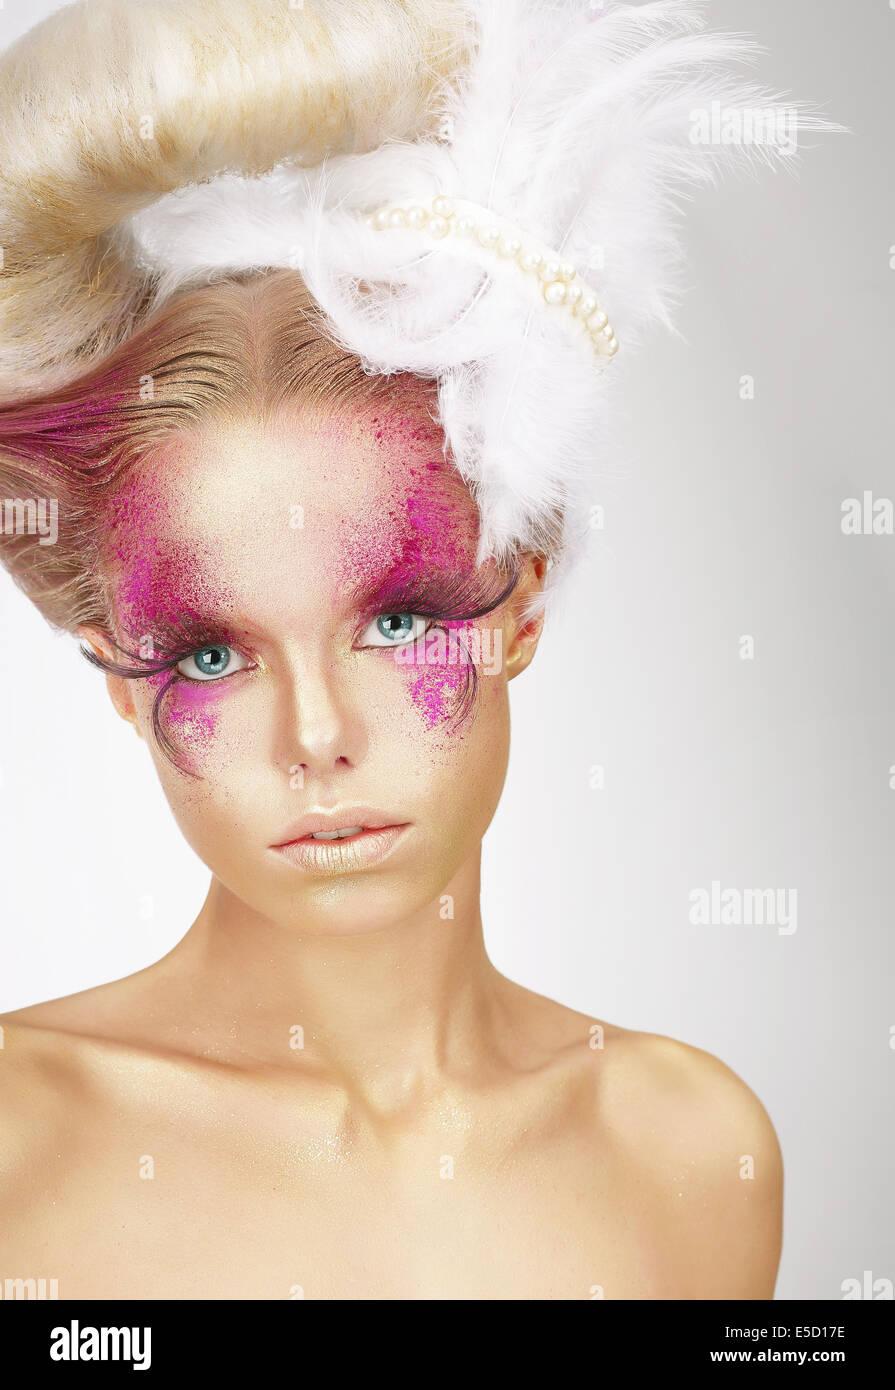 Mujer con plumas vistosas difusa y Arte fantástico maquillaje Imagen De Stock